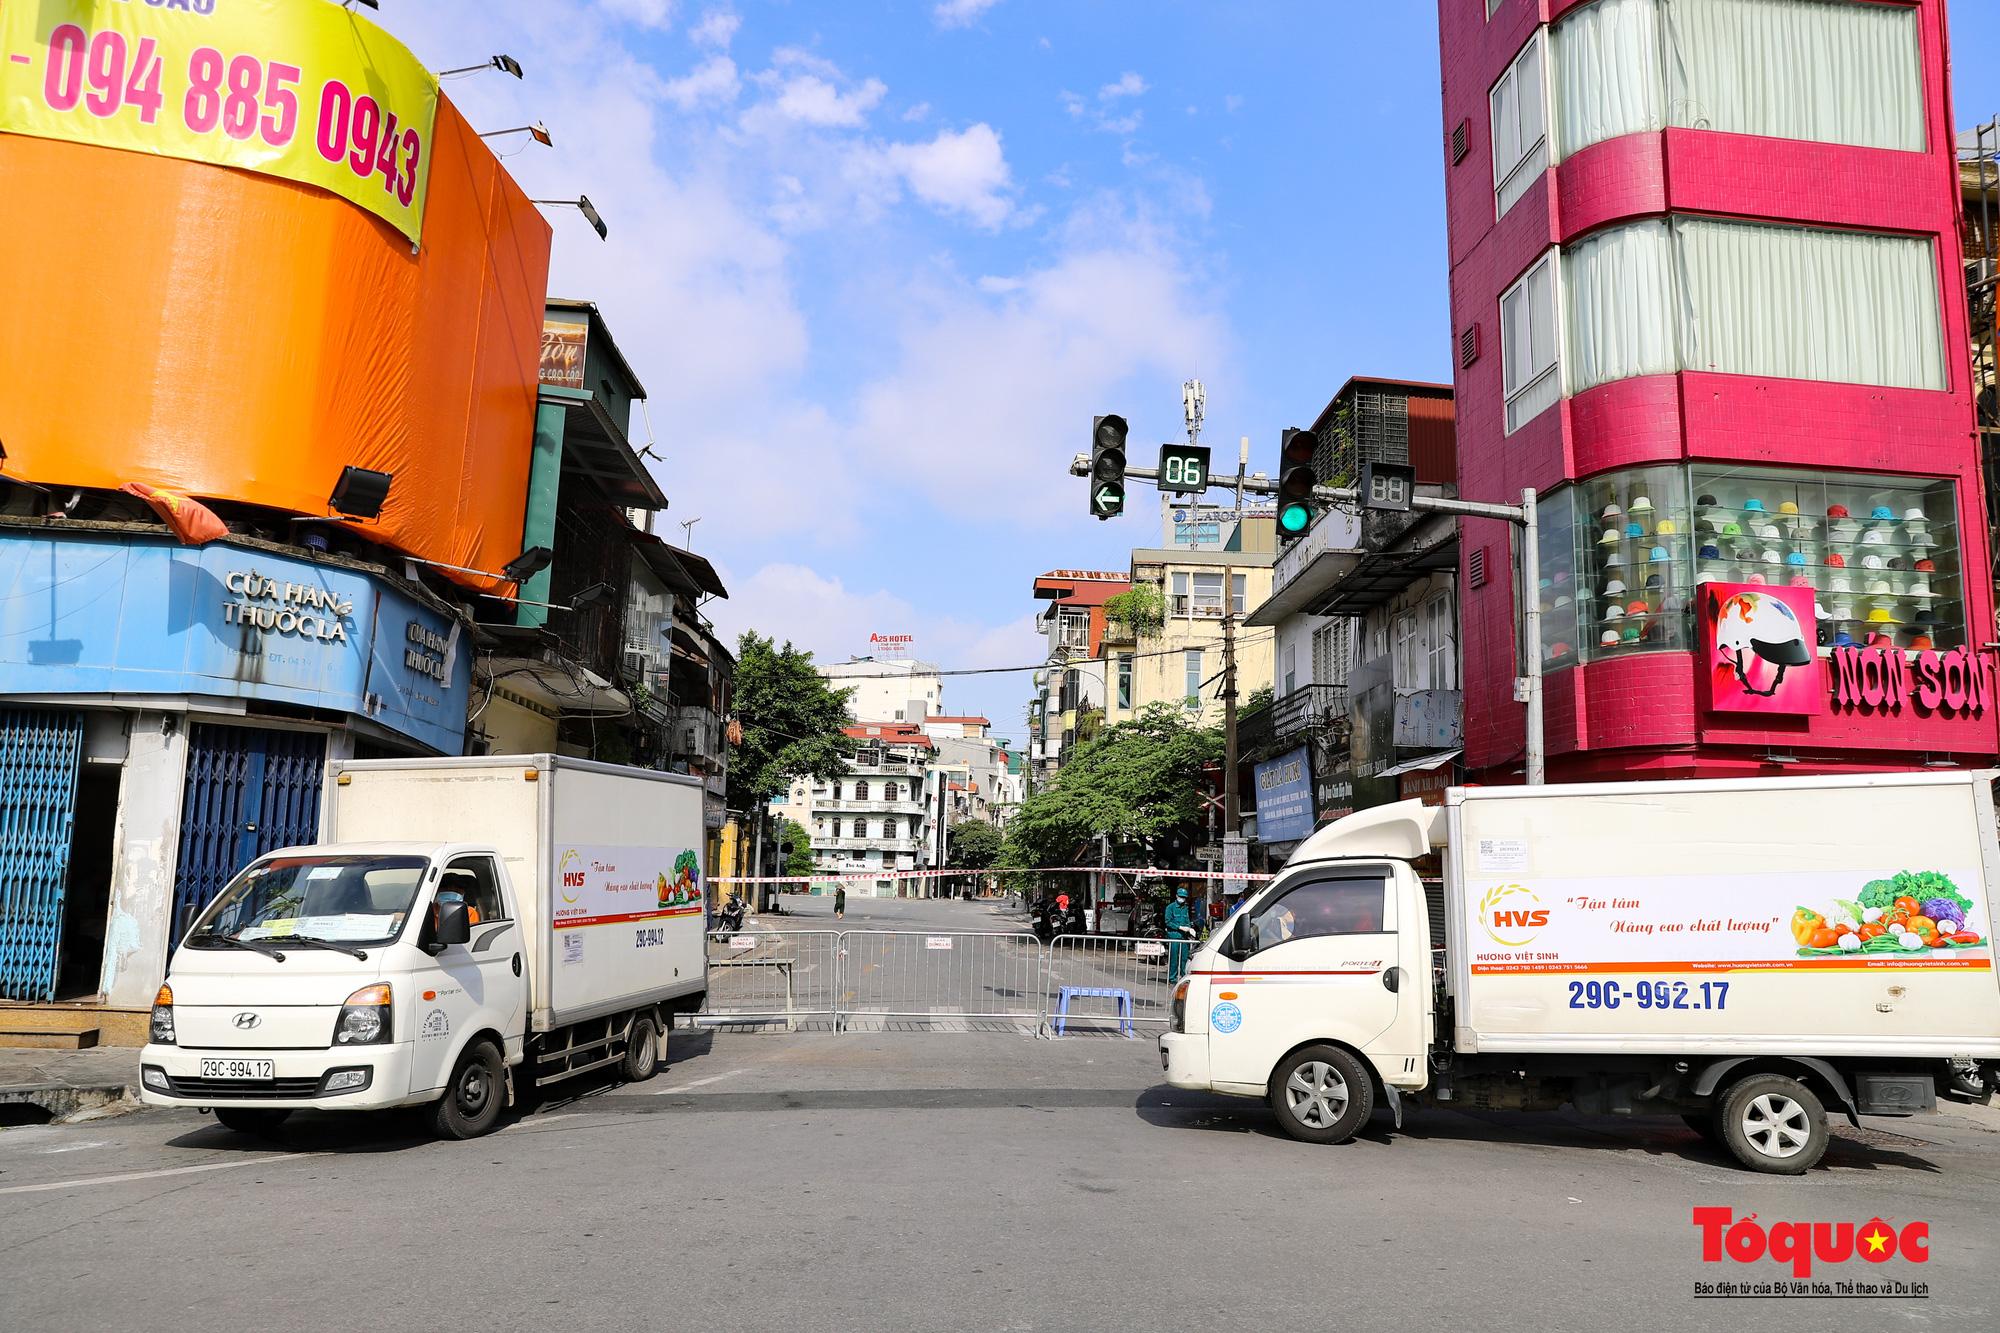 Hà Nội: Phong tỏa 2 phường Văn Miếu, Văn Chương, người dân xếp hàng tiếp tế cho khu cách ly - Ảnh 14.